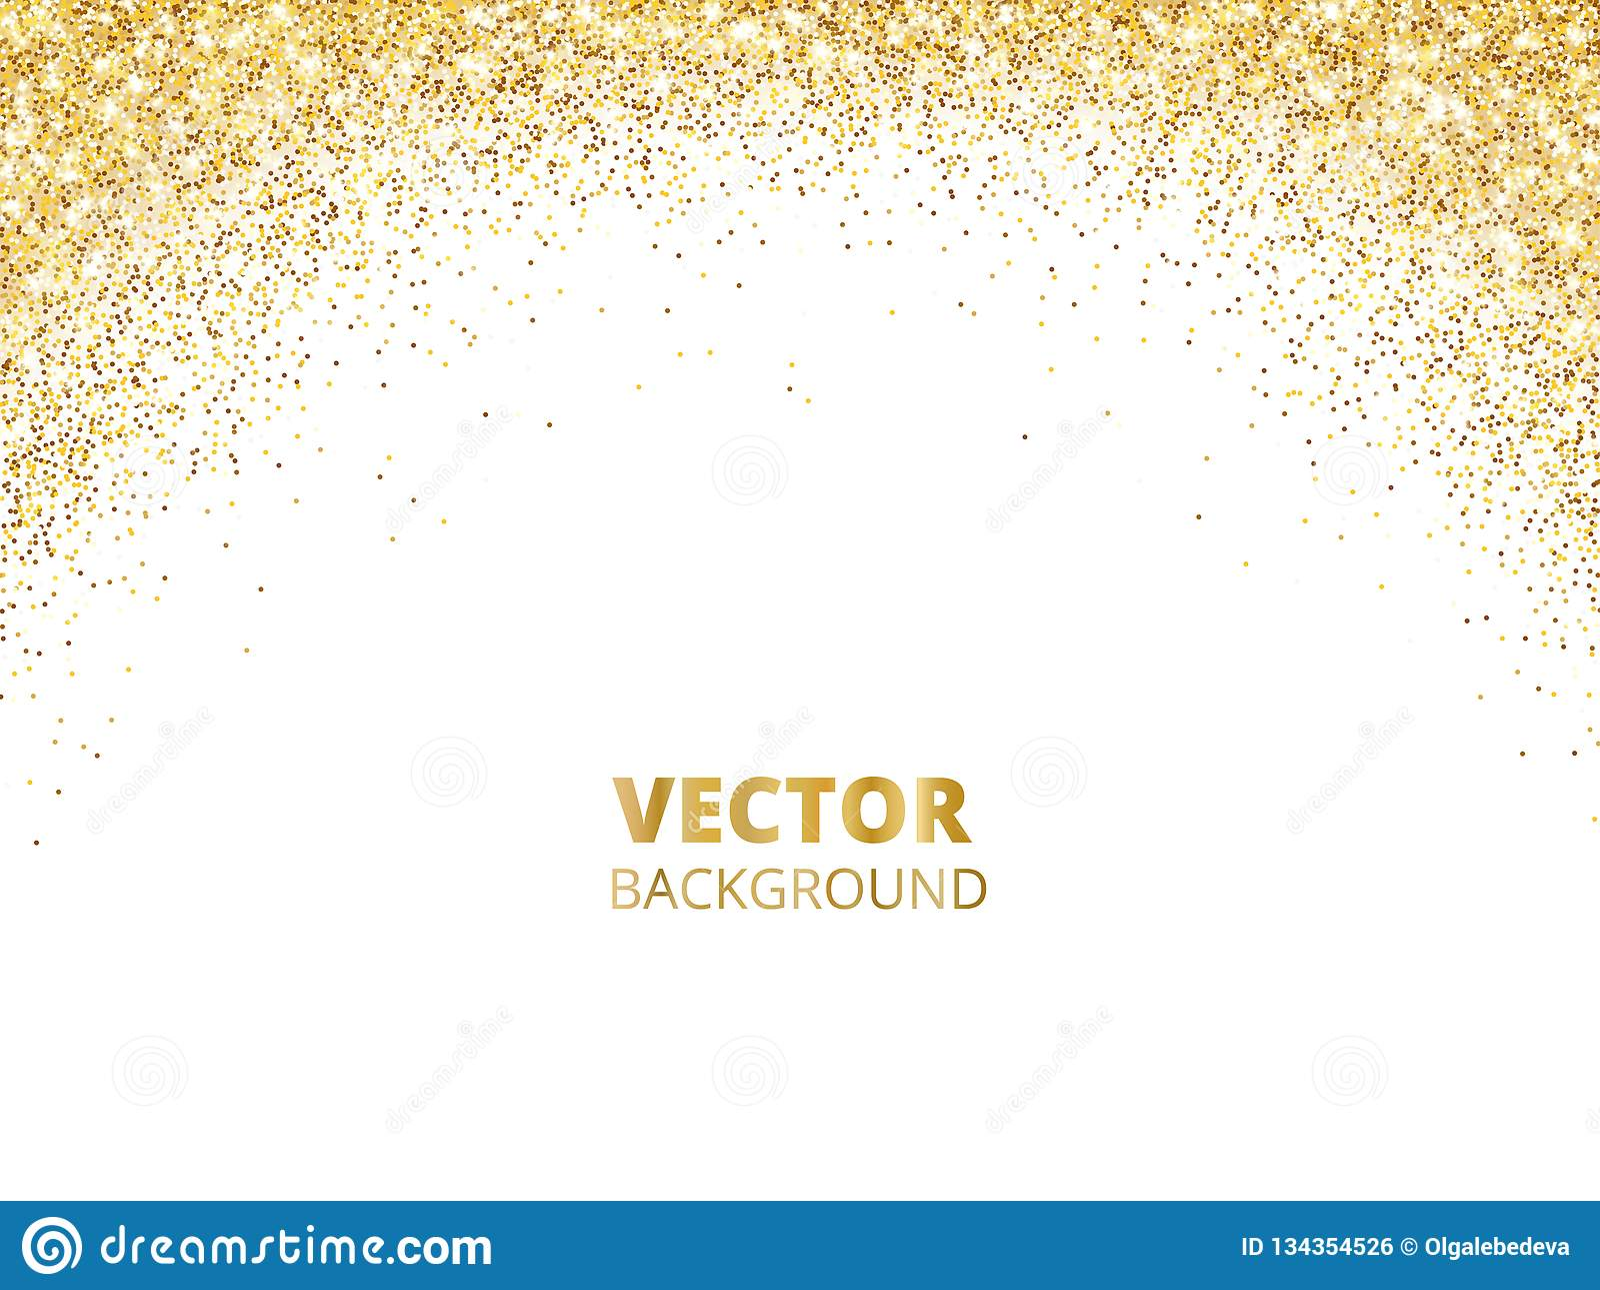 Sparkling Glitter Border Frame Falling Golden Dust